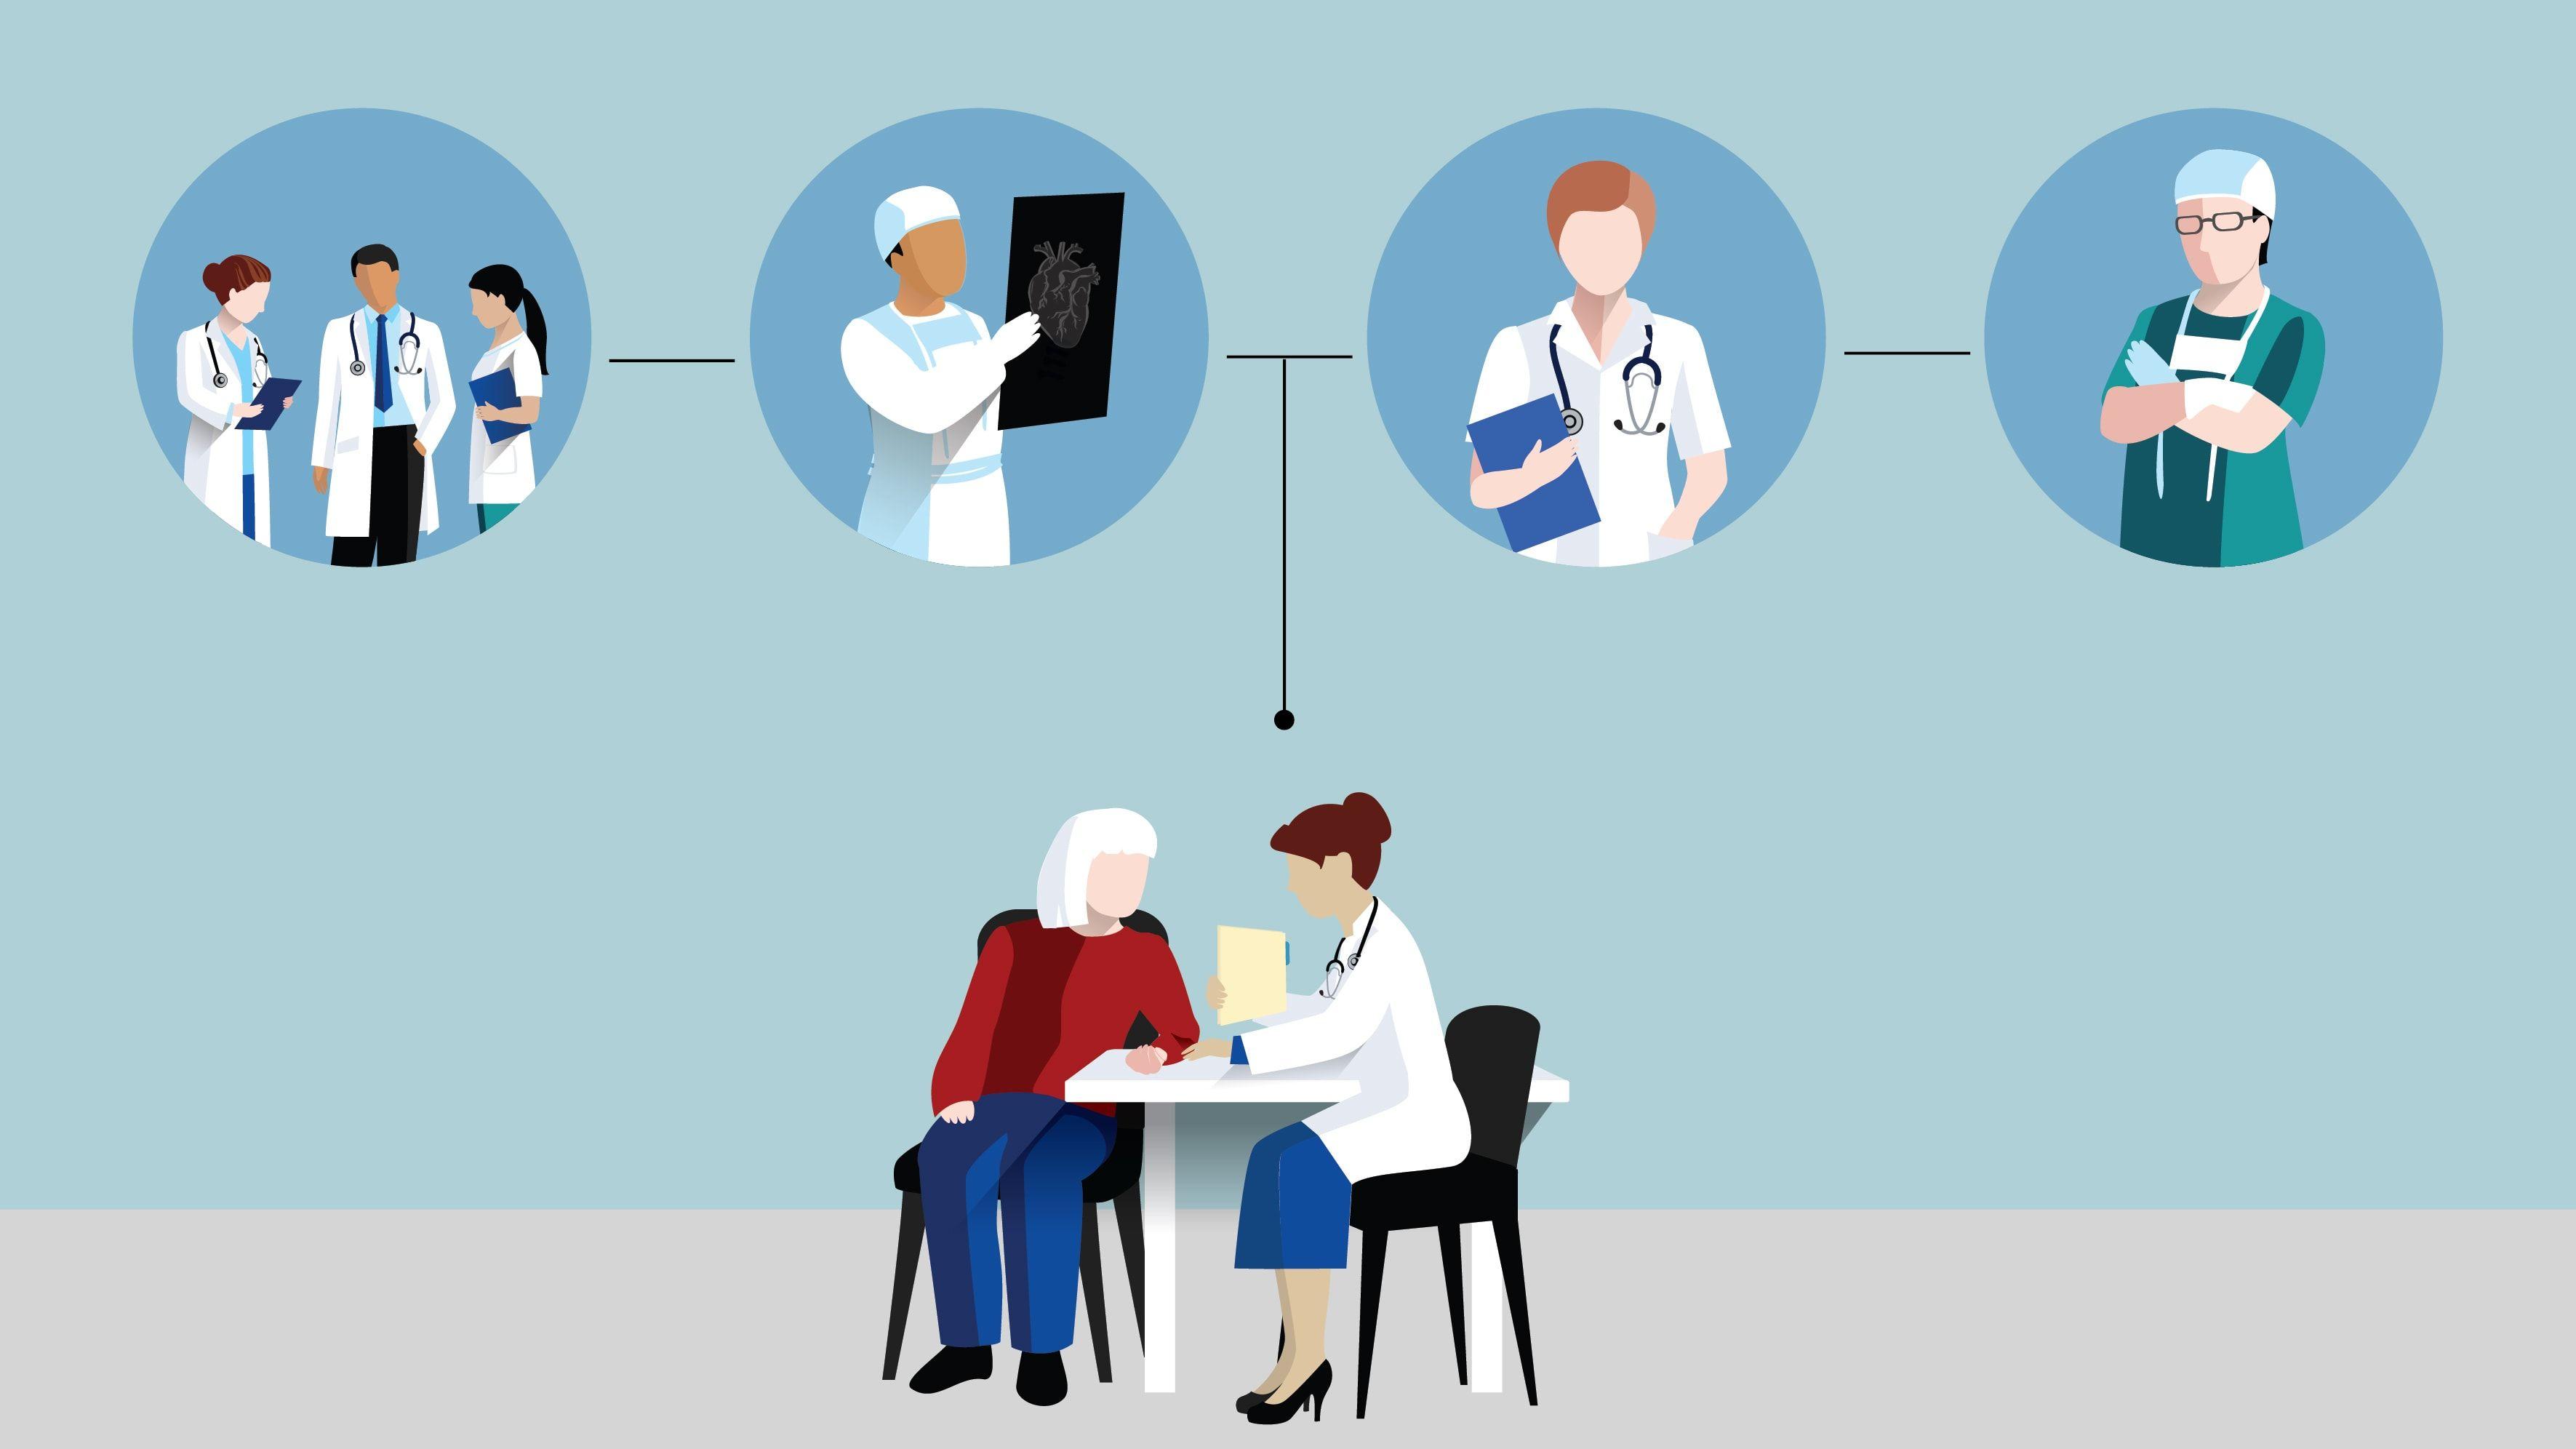 Teamwork in Medicine Hospital Teamwork & Heart Bypass